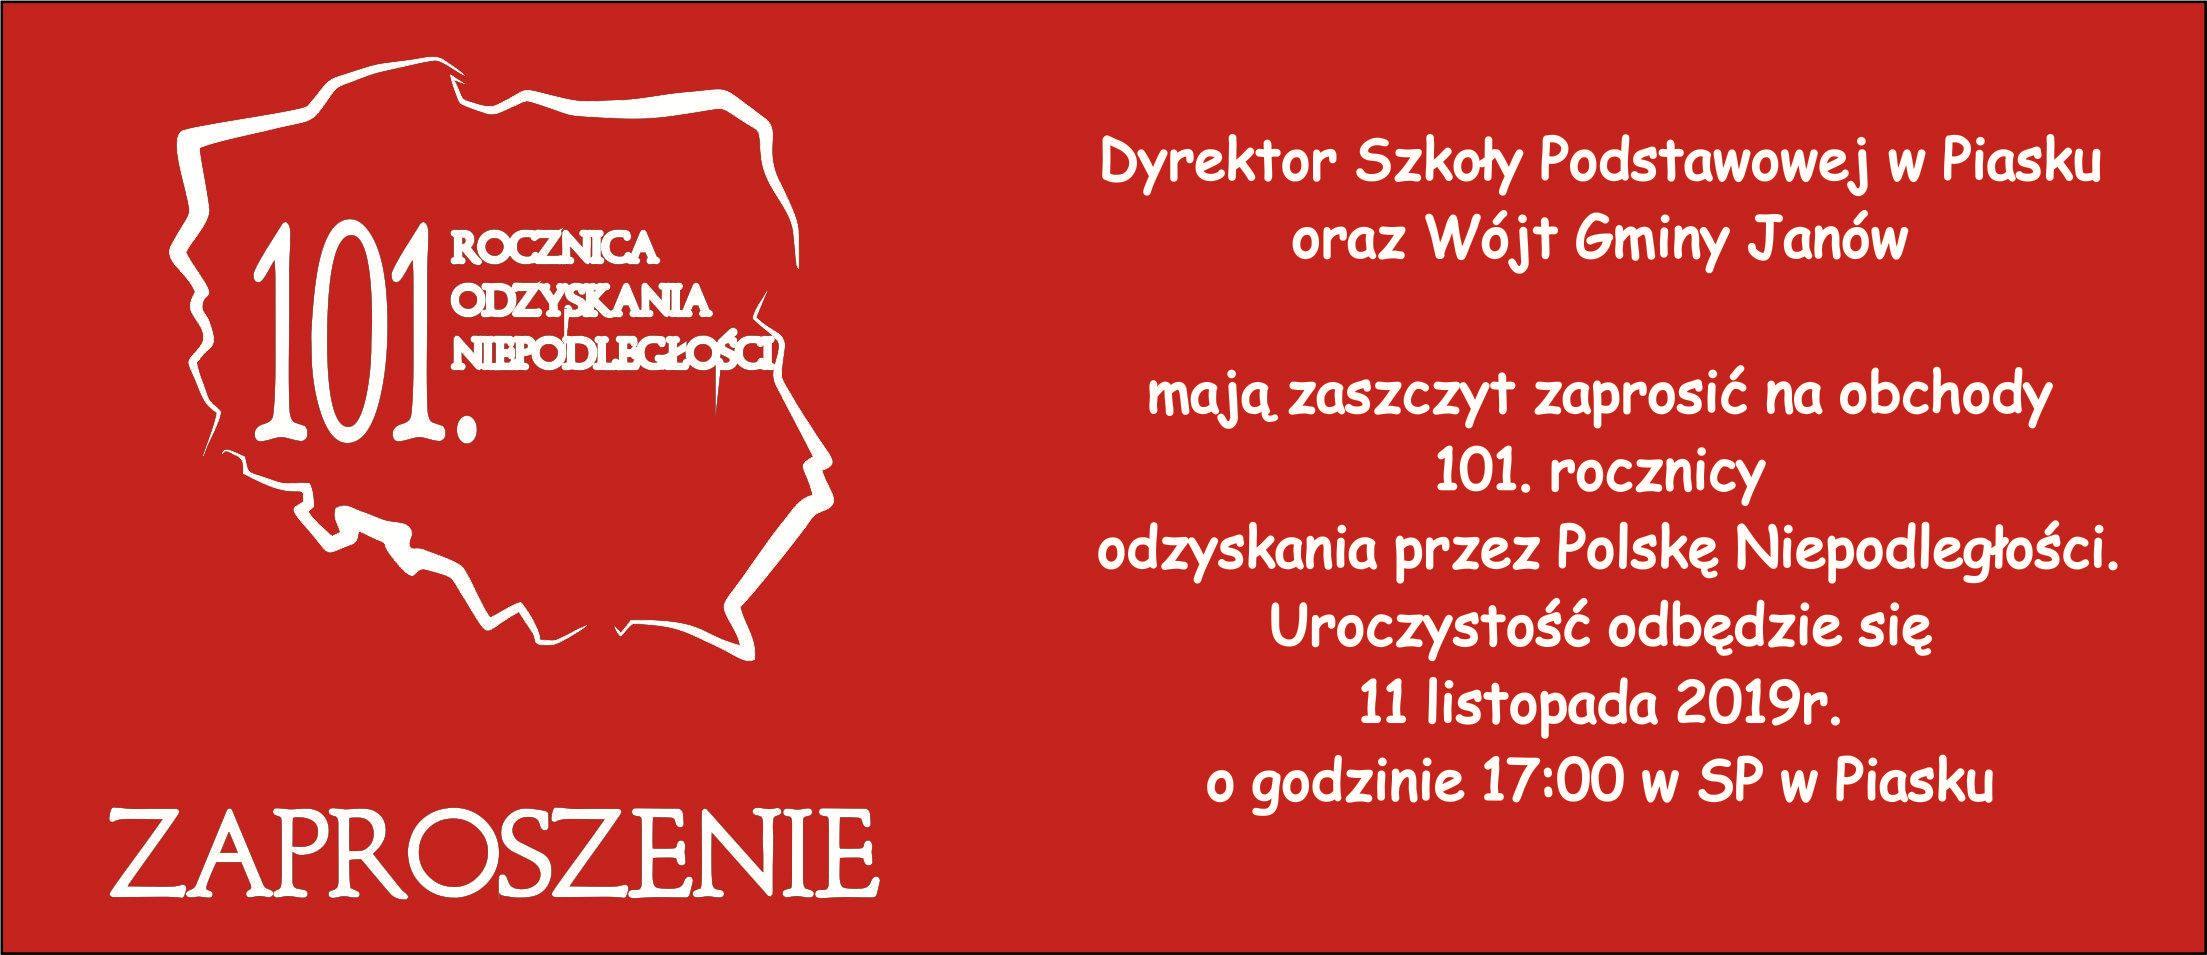 101_rocznica_odzysk3.jpg